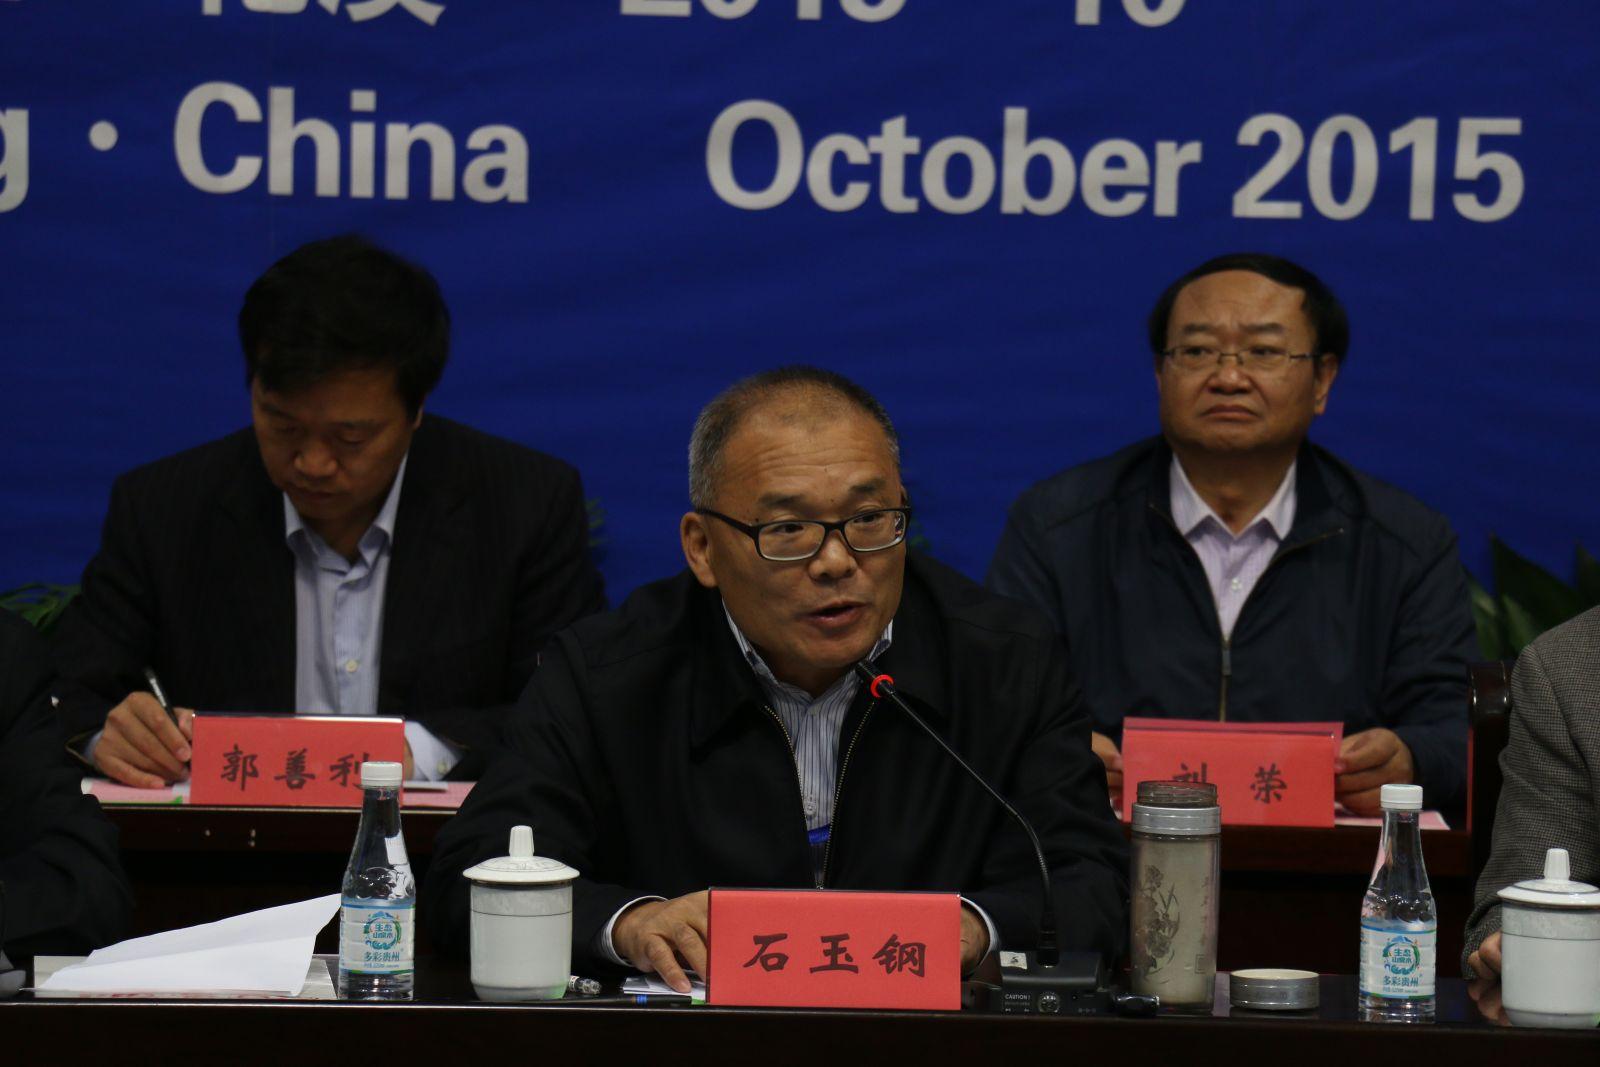 中国人类学民族学研究会常务副会长、国家民委研究室主任石玉钢主持